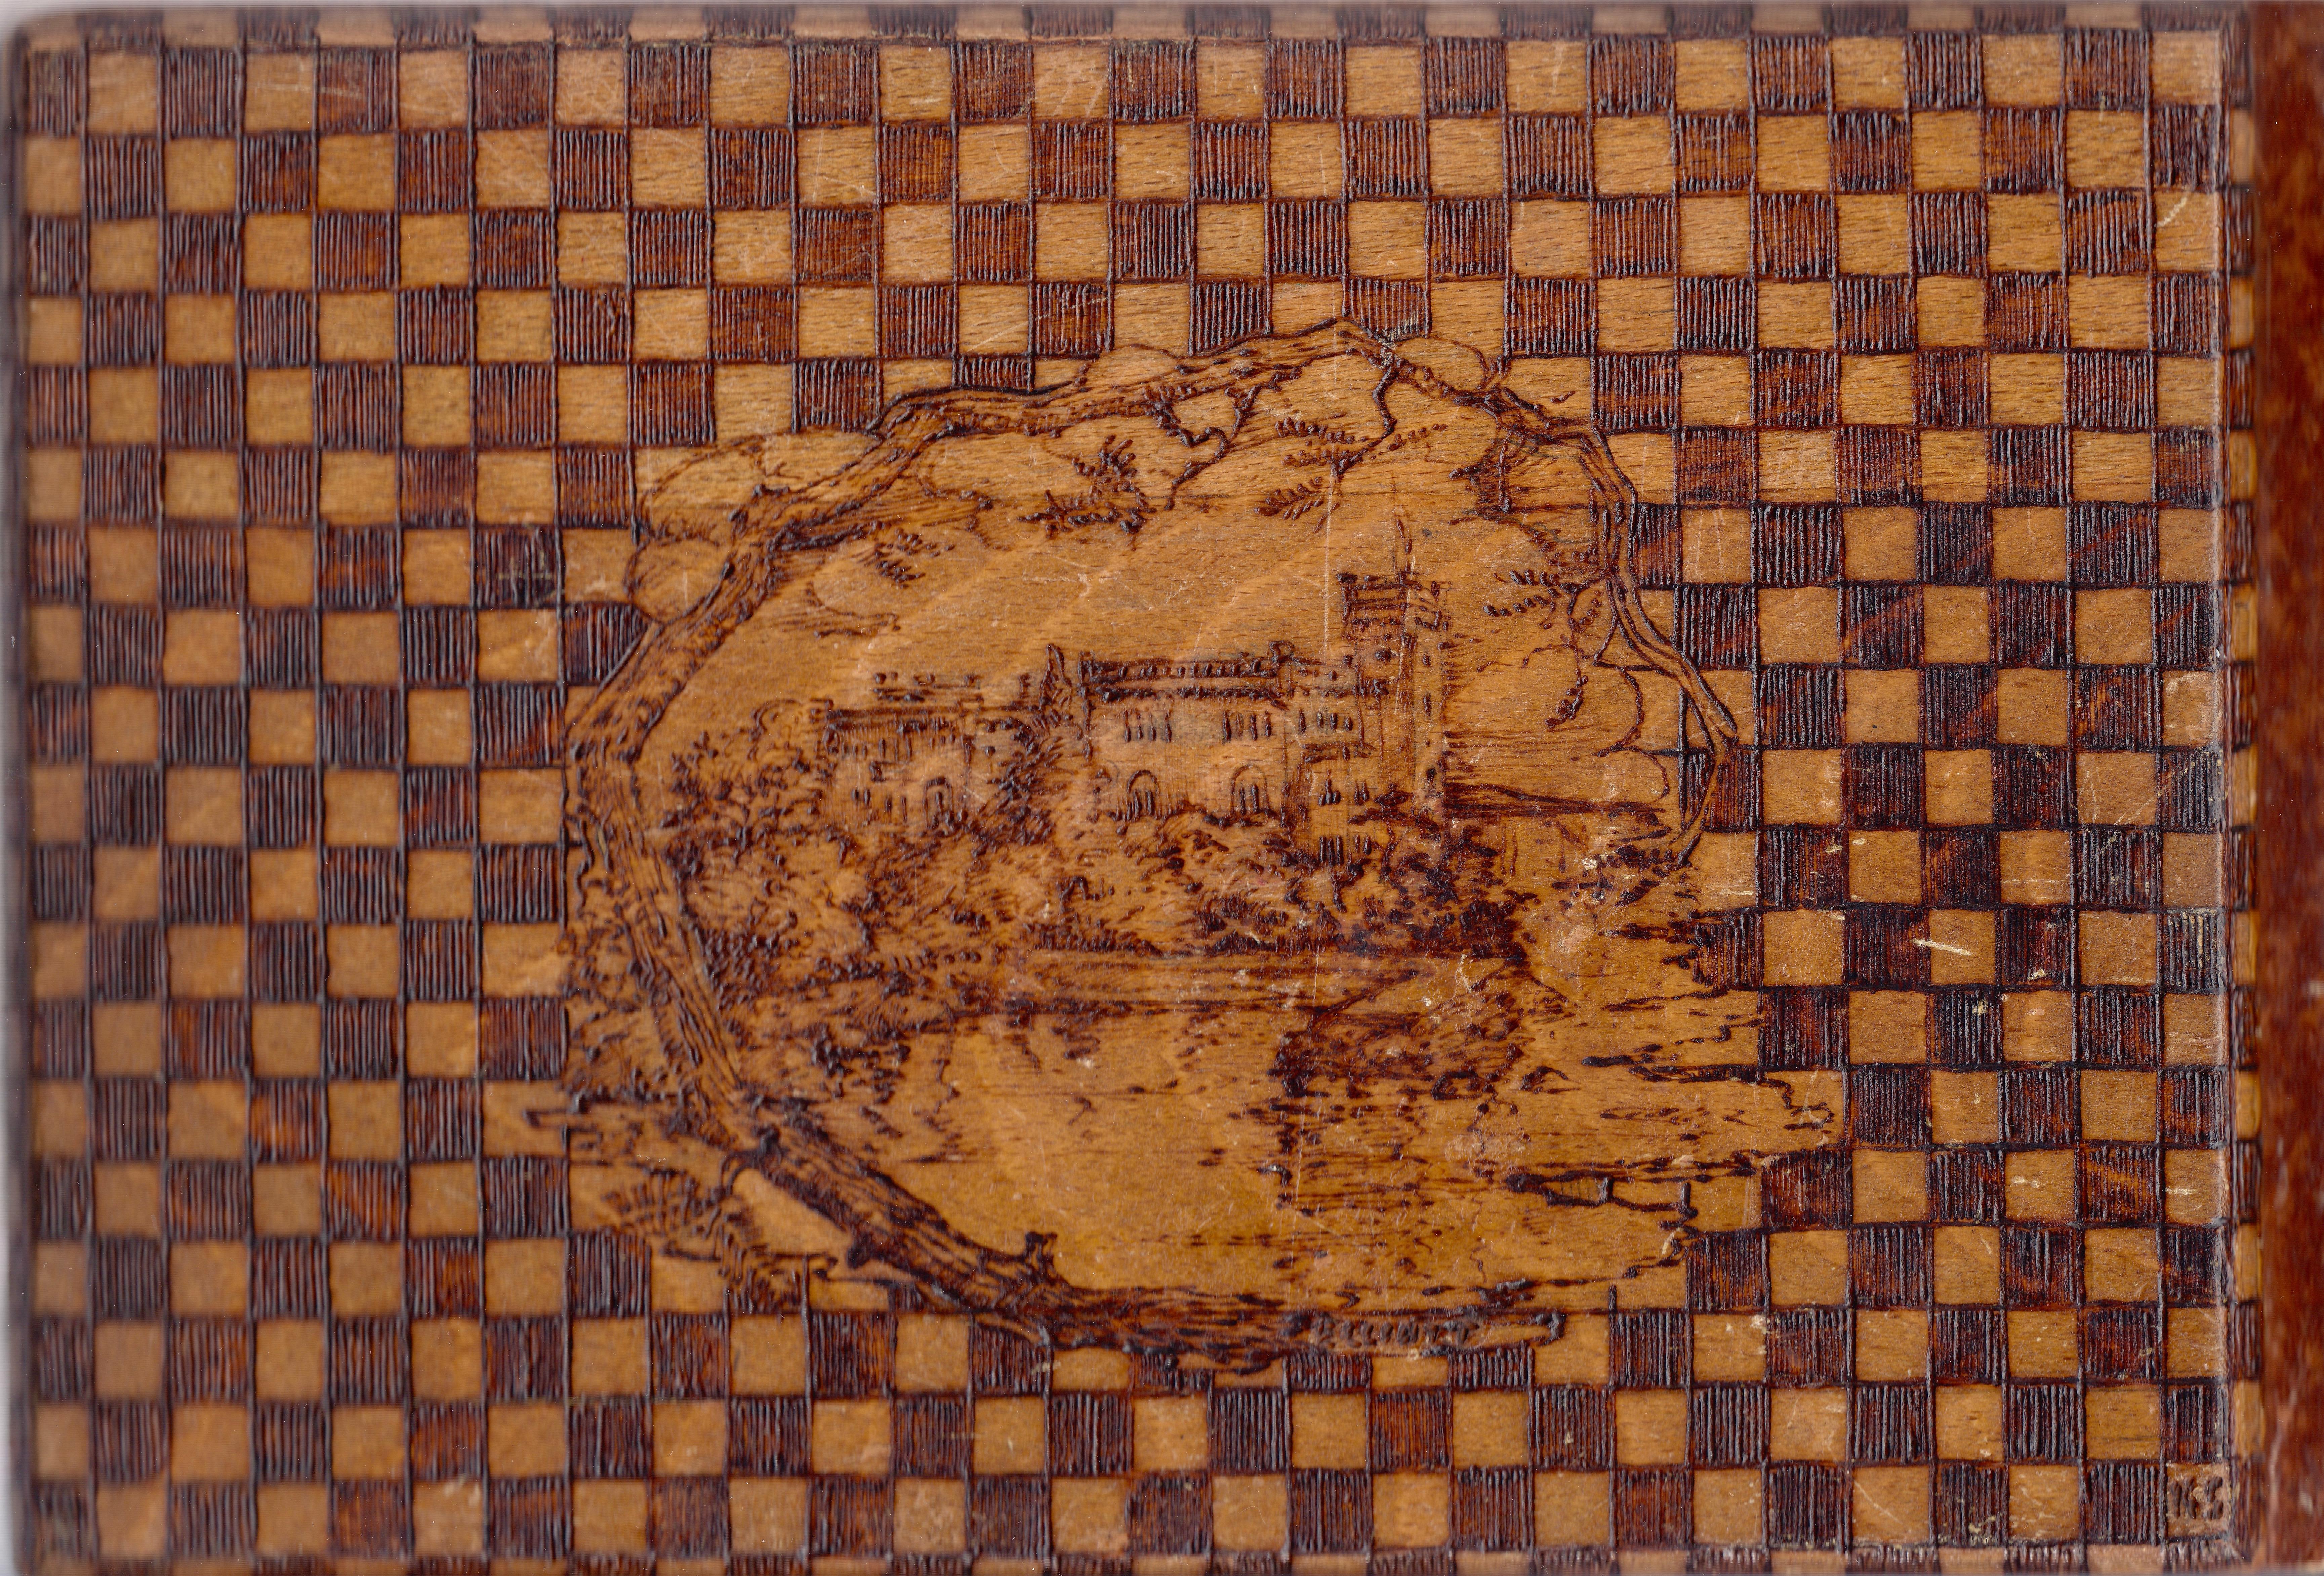 Wood carver photo album (back cover), Artist Konstantin Elliott, 1951